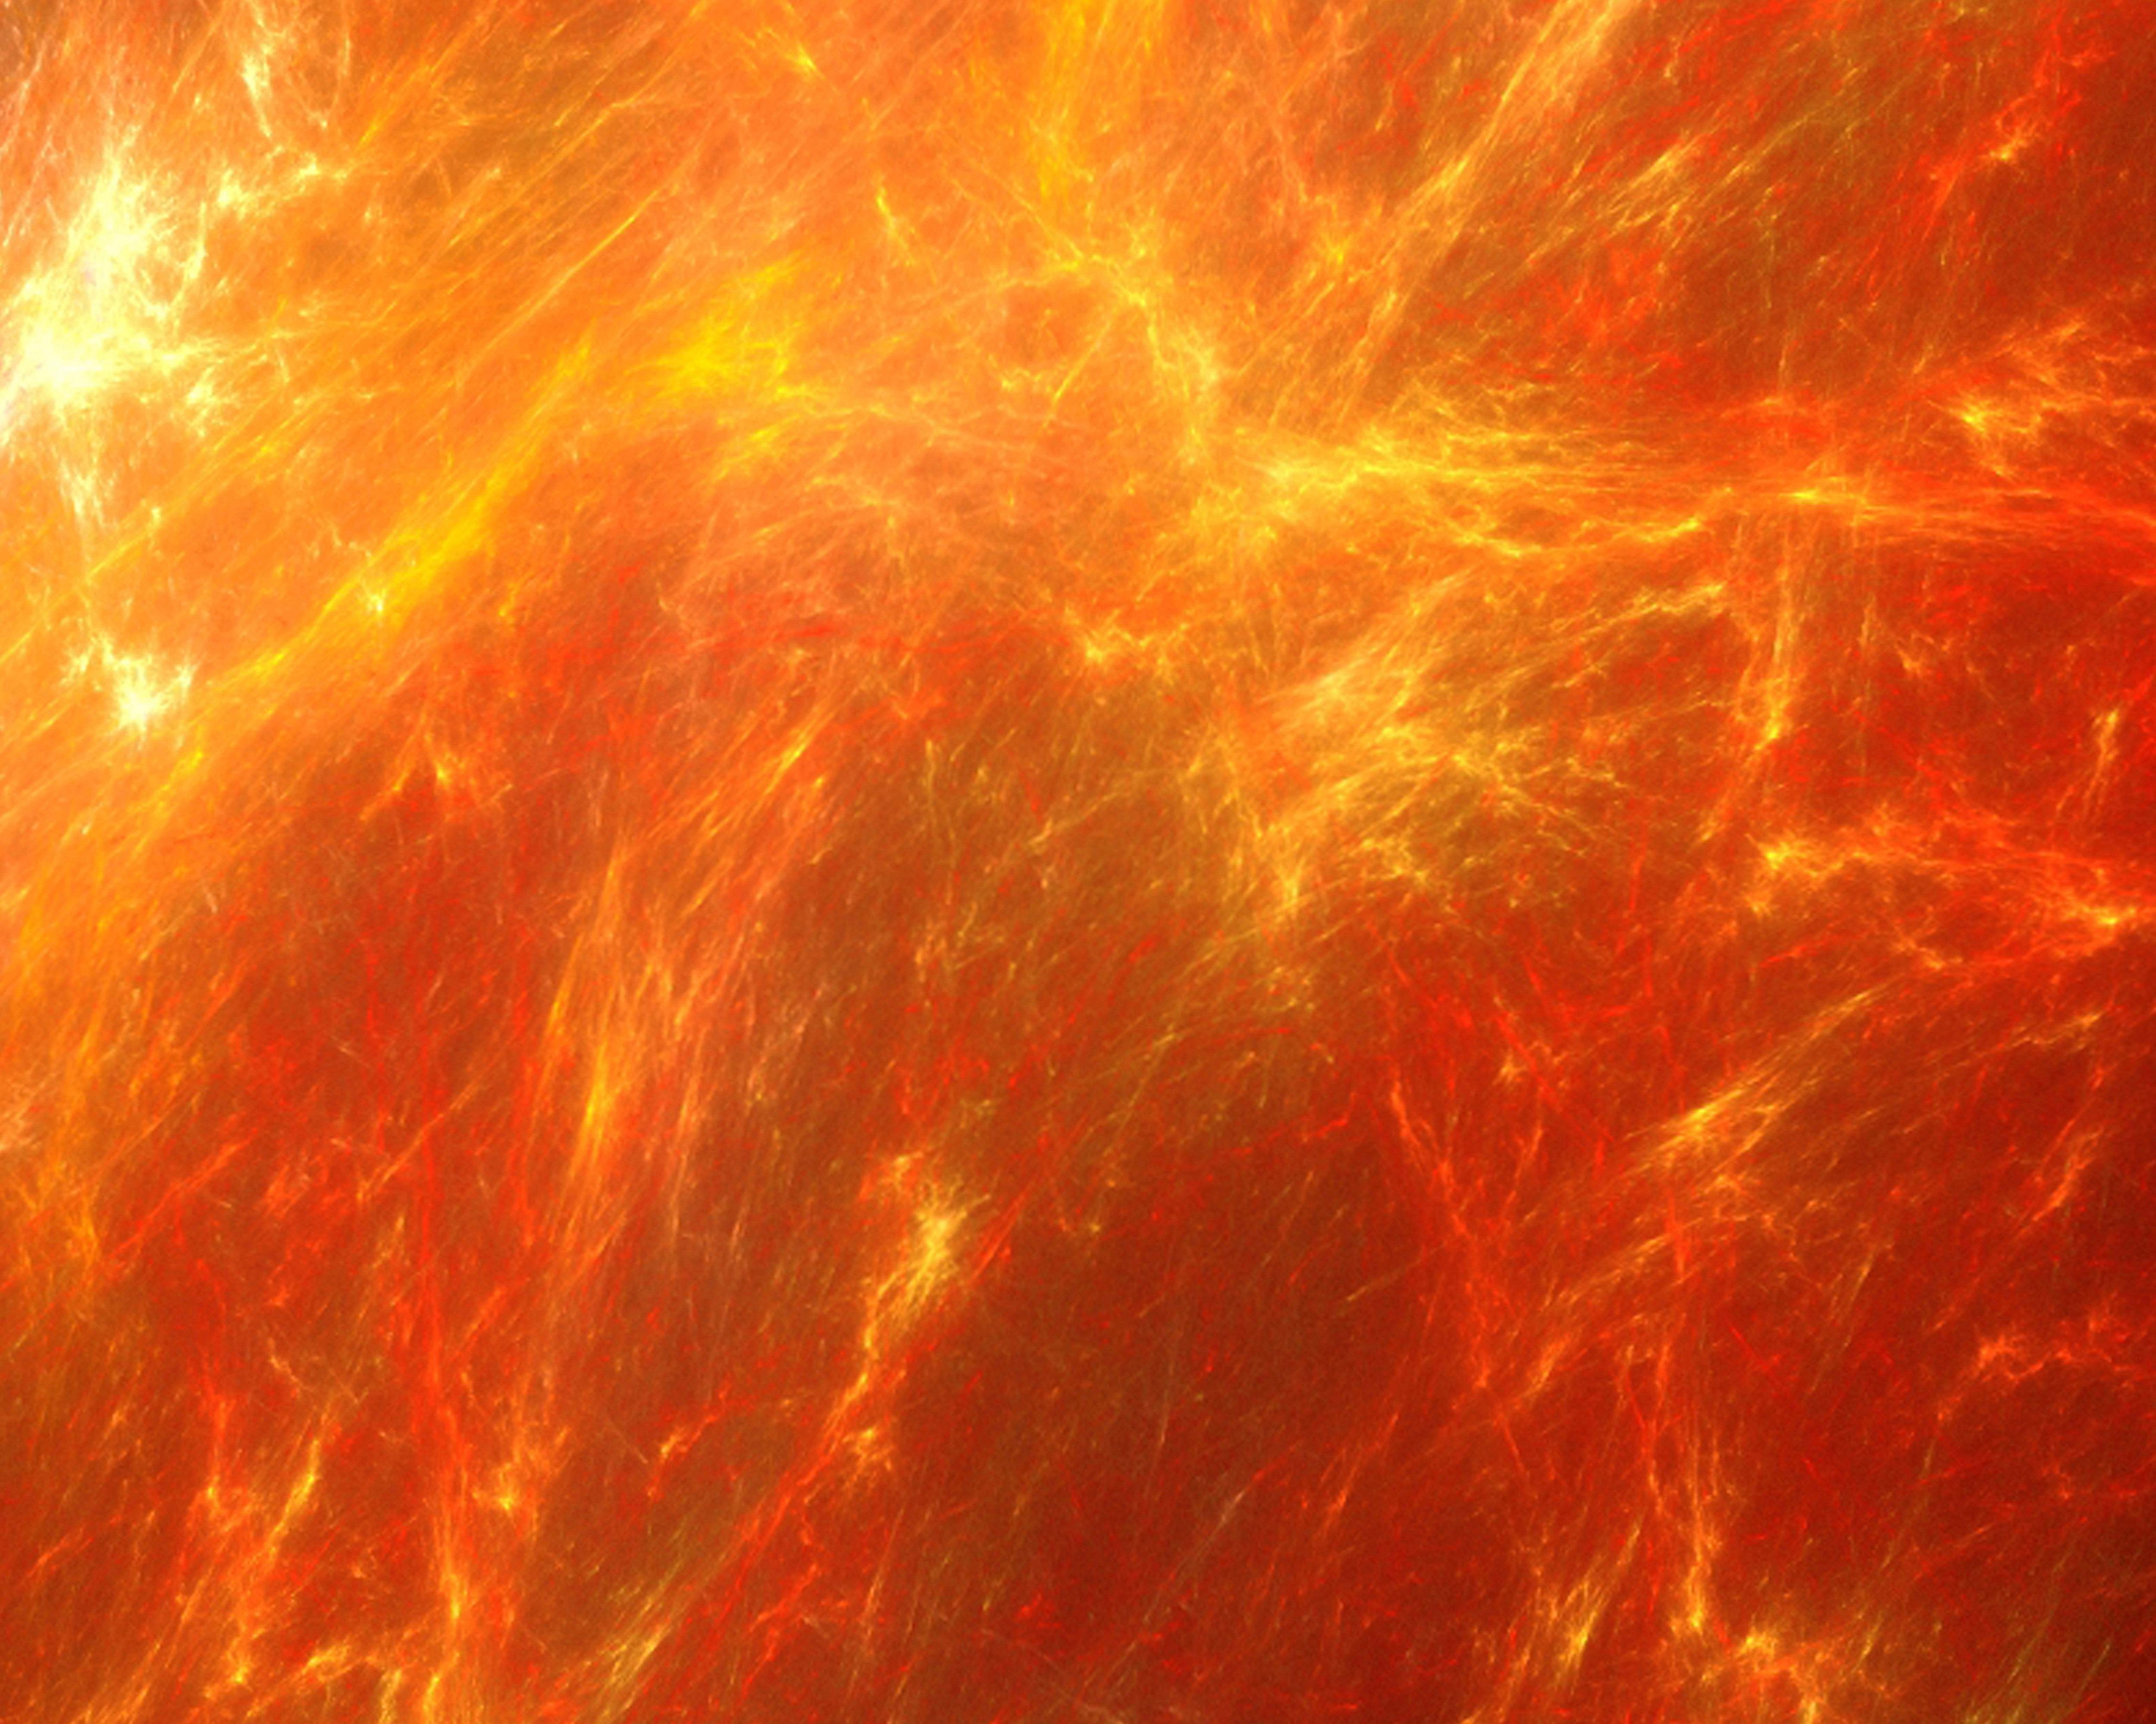 inflammation-fire.jpg